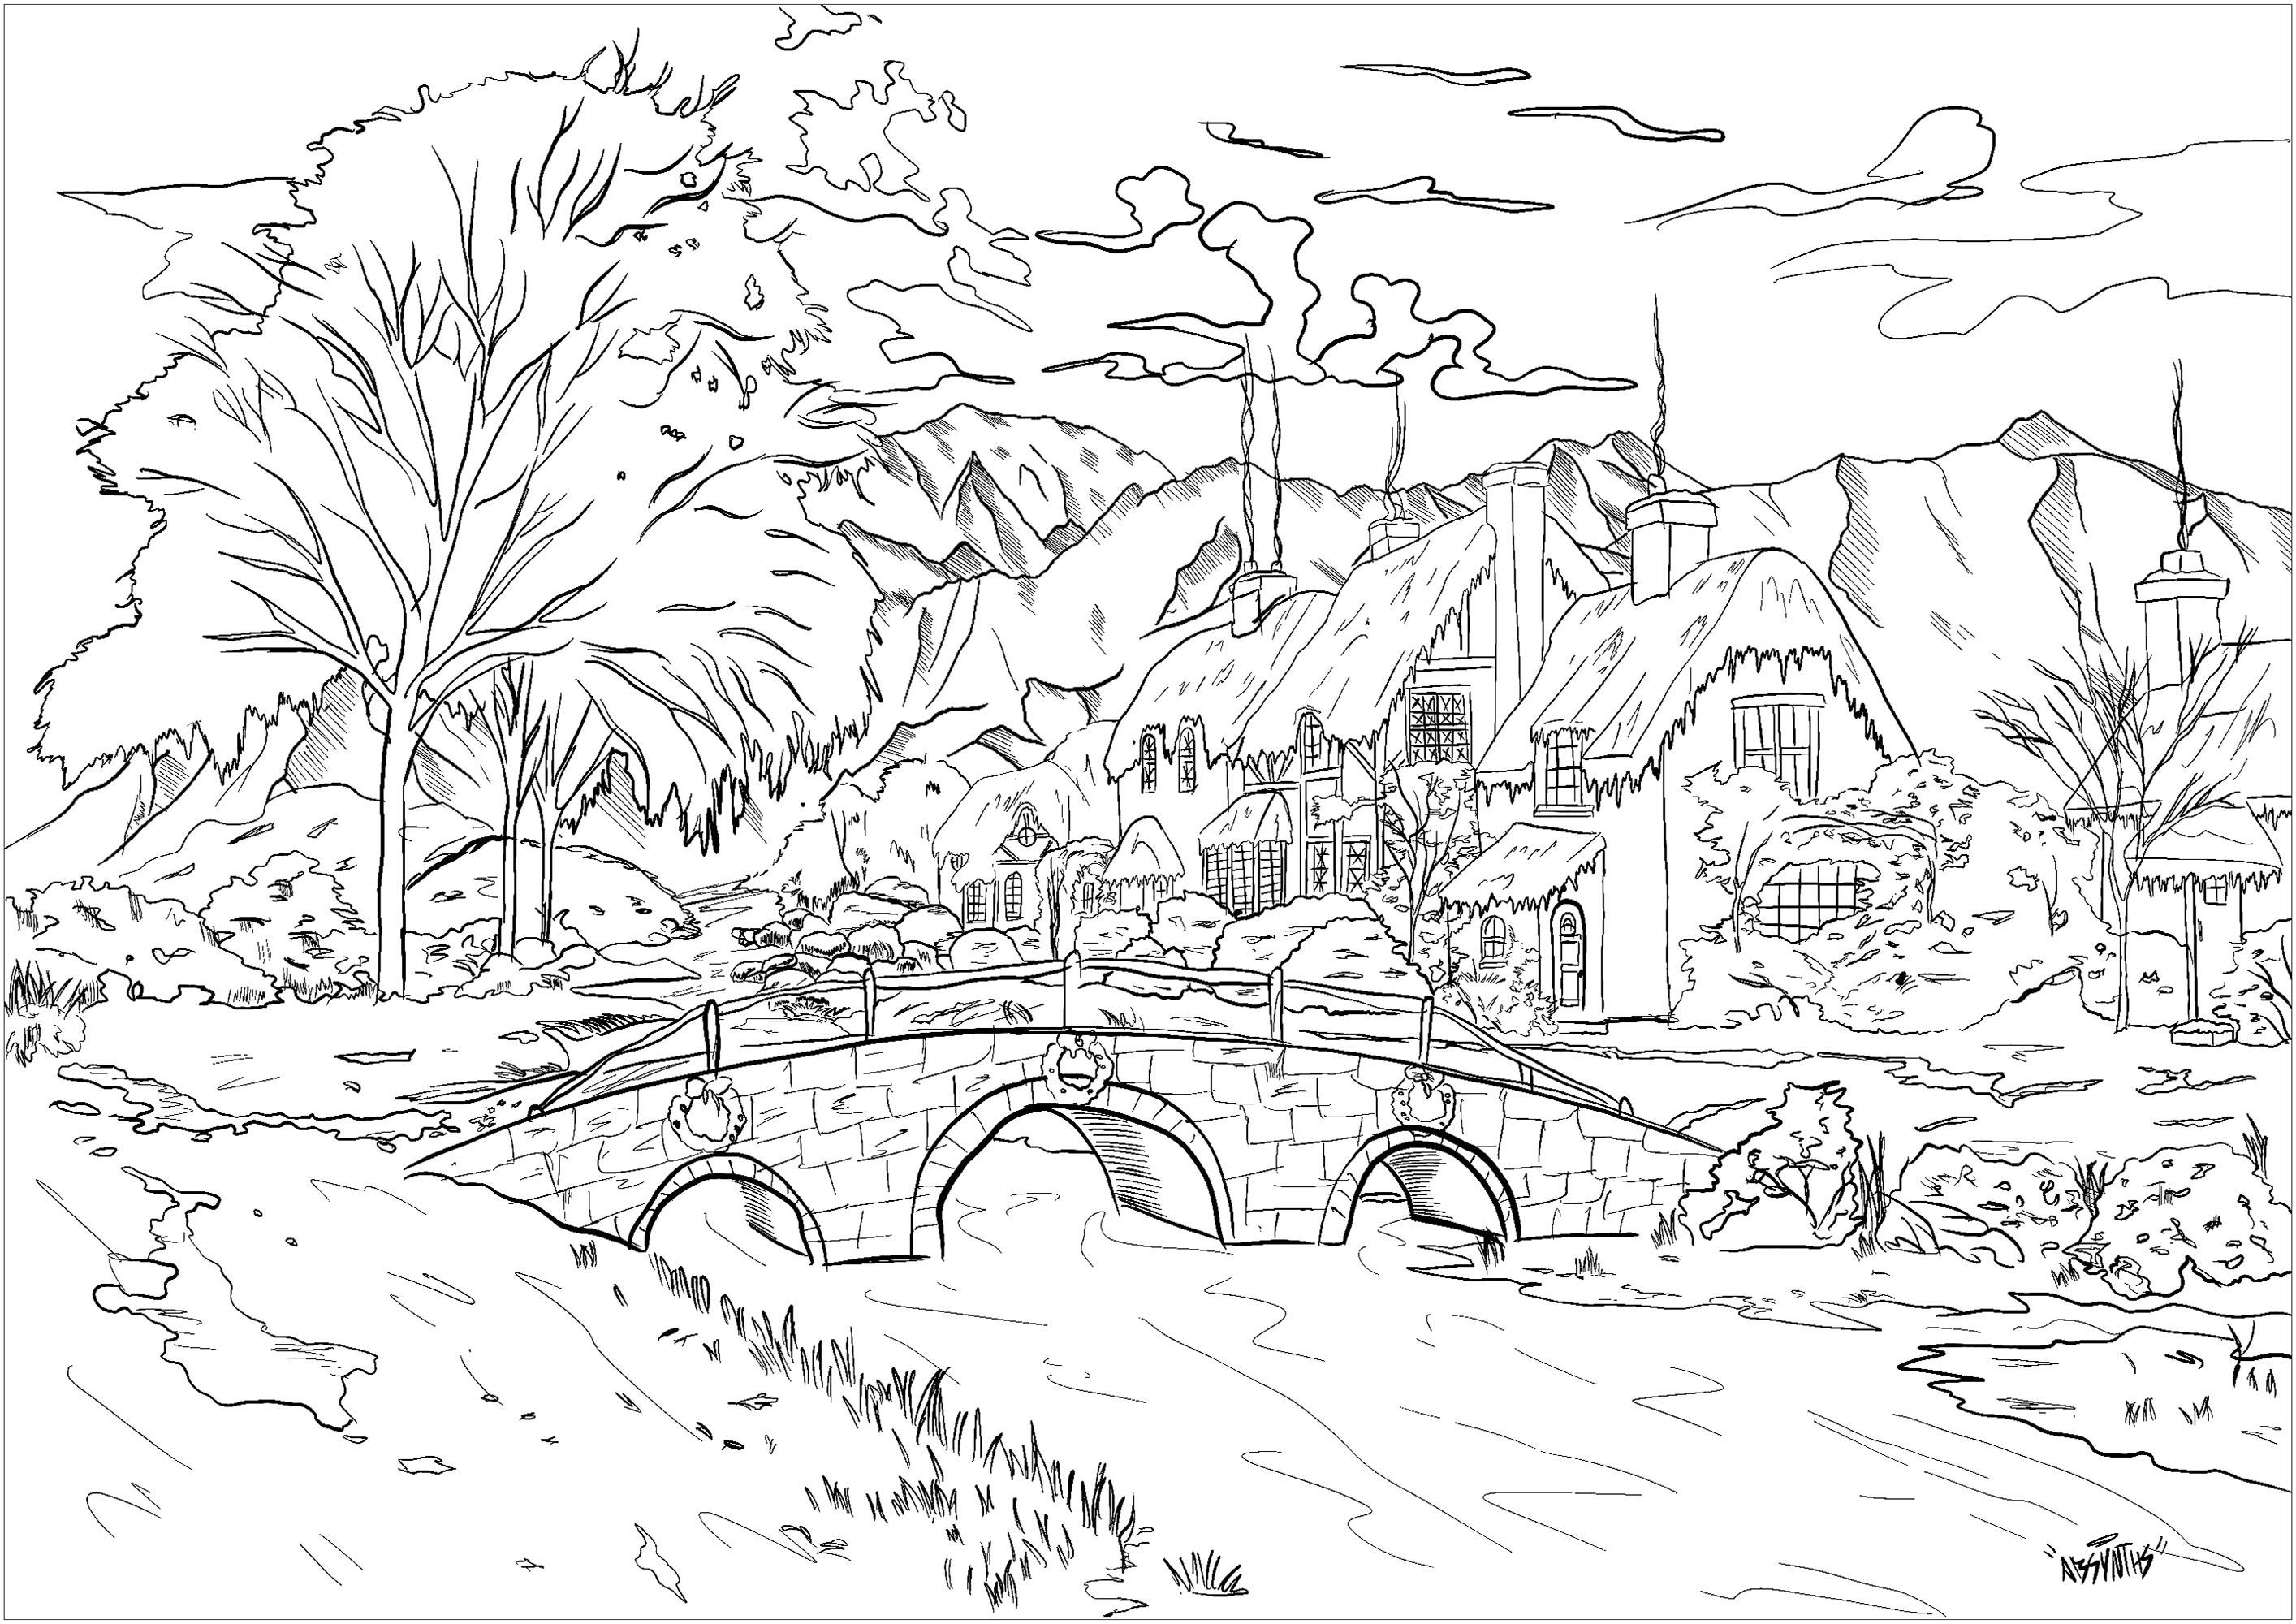 Coloriez ce beau village imprégné de l'esprit de Noël ... avec son joli pont, ses belles chaumières aux cheminées fumantes ... de grans arbres et une chaîne de montagne en arrière plan complètent le tableau